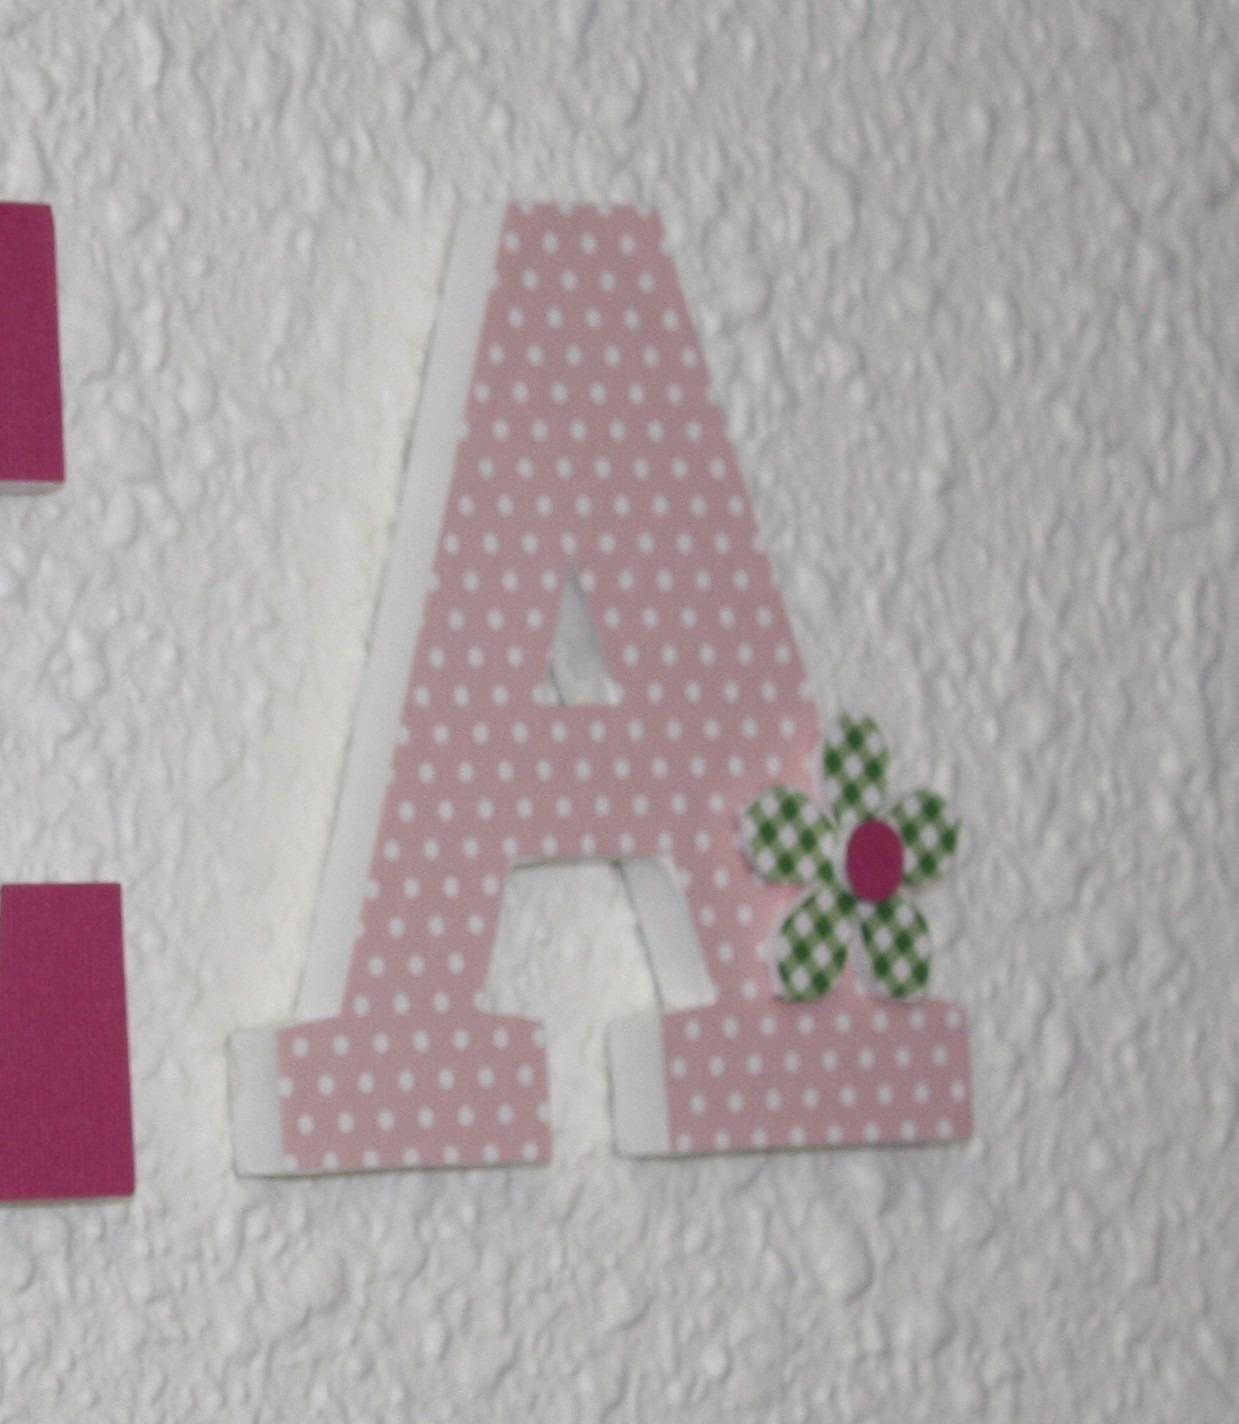 pr nom en bois personnalis t a rose vert avec des fleurs pour d coration de chambre bapt me. Black Bedroom Furniture Sets. Home Design Ideas